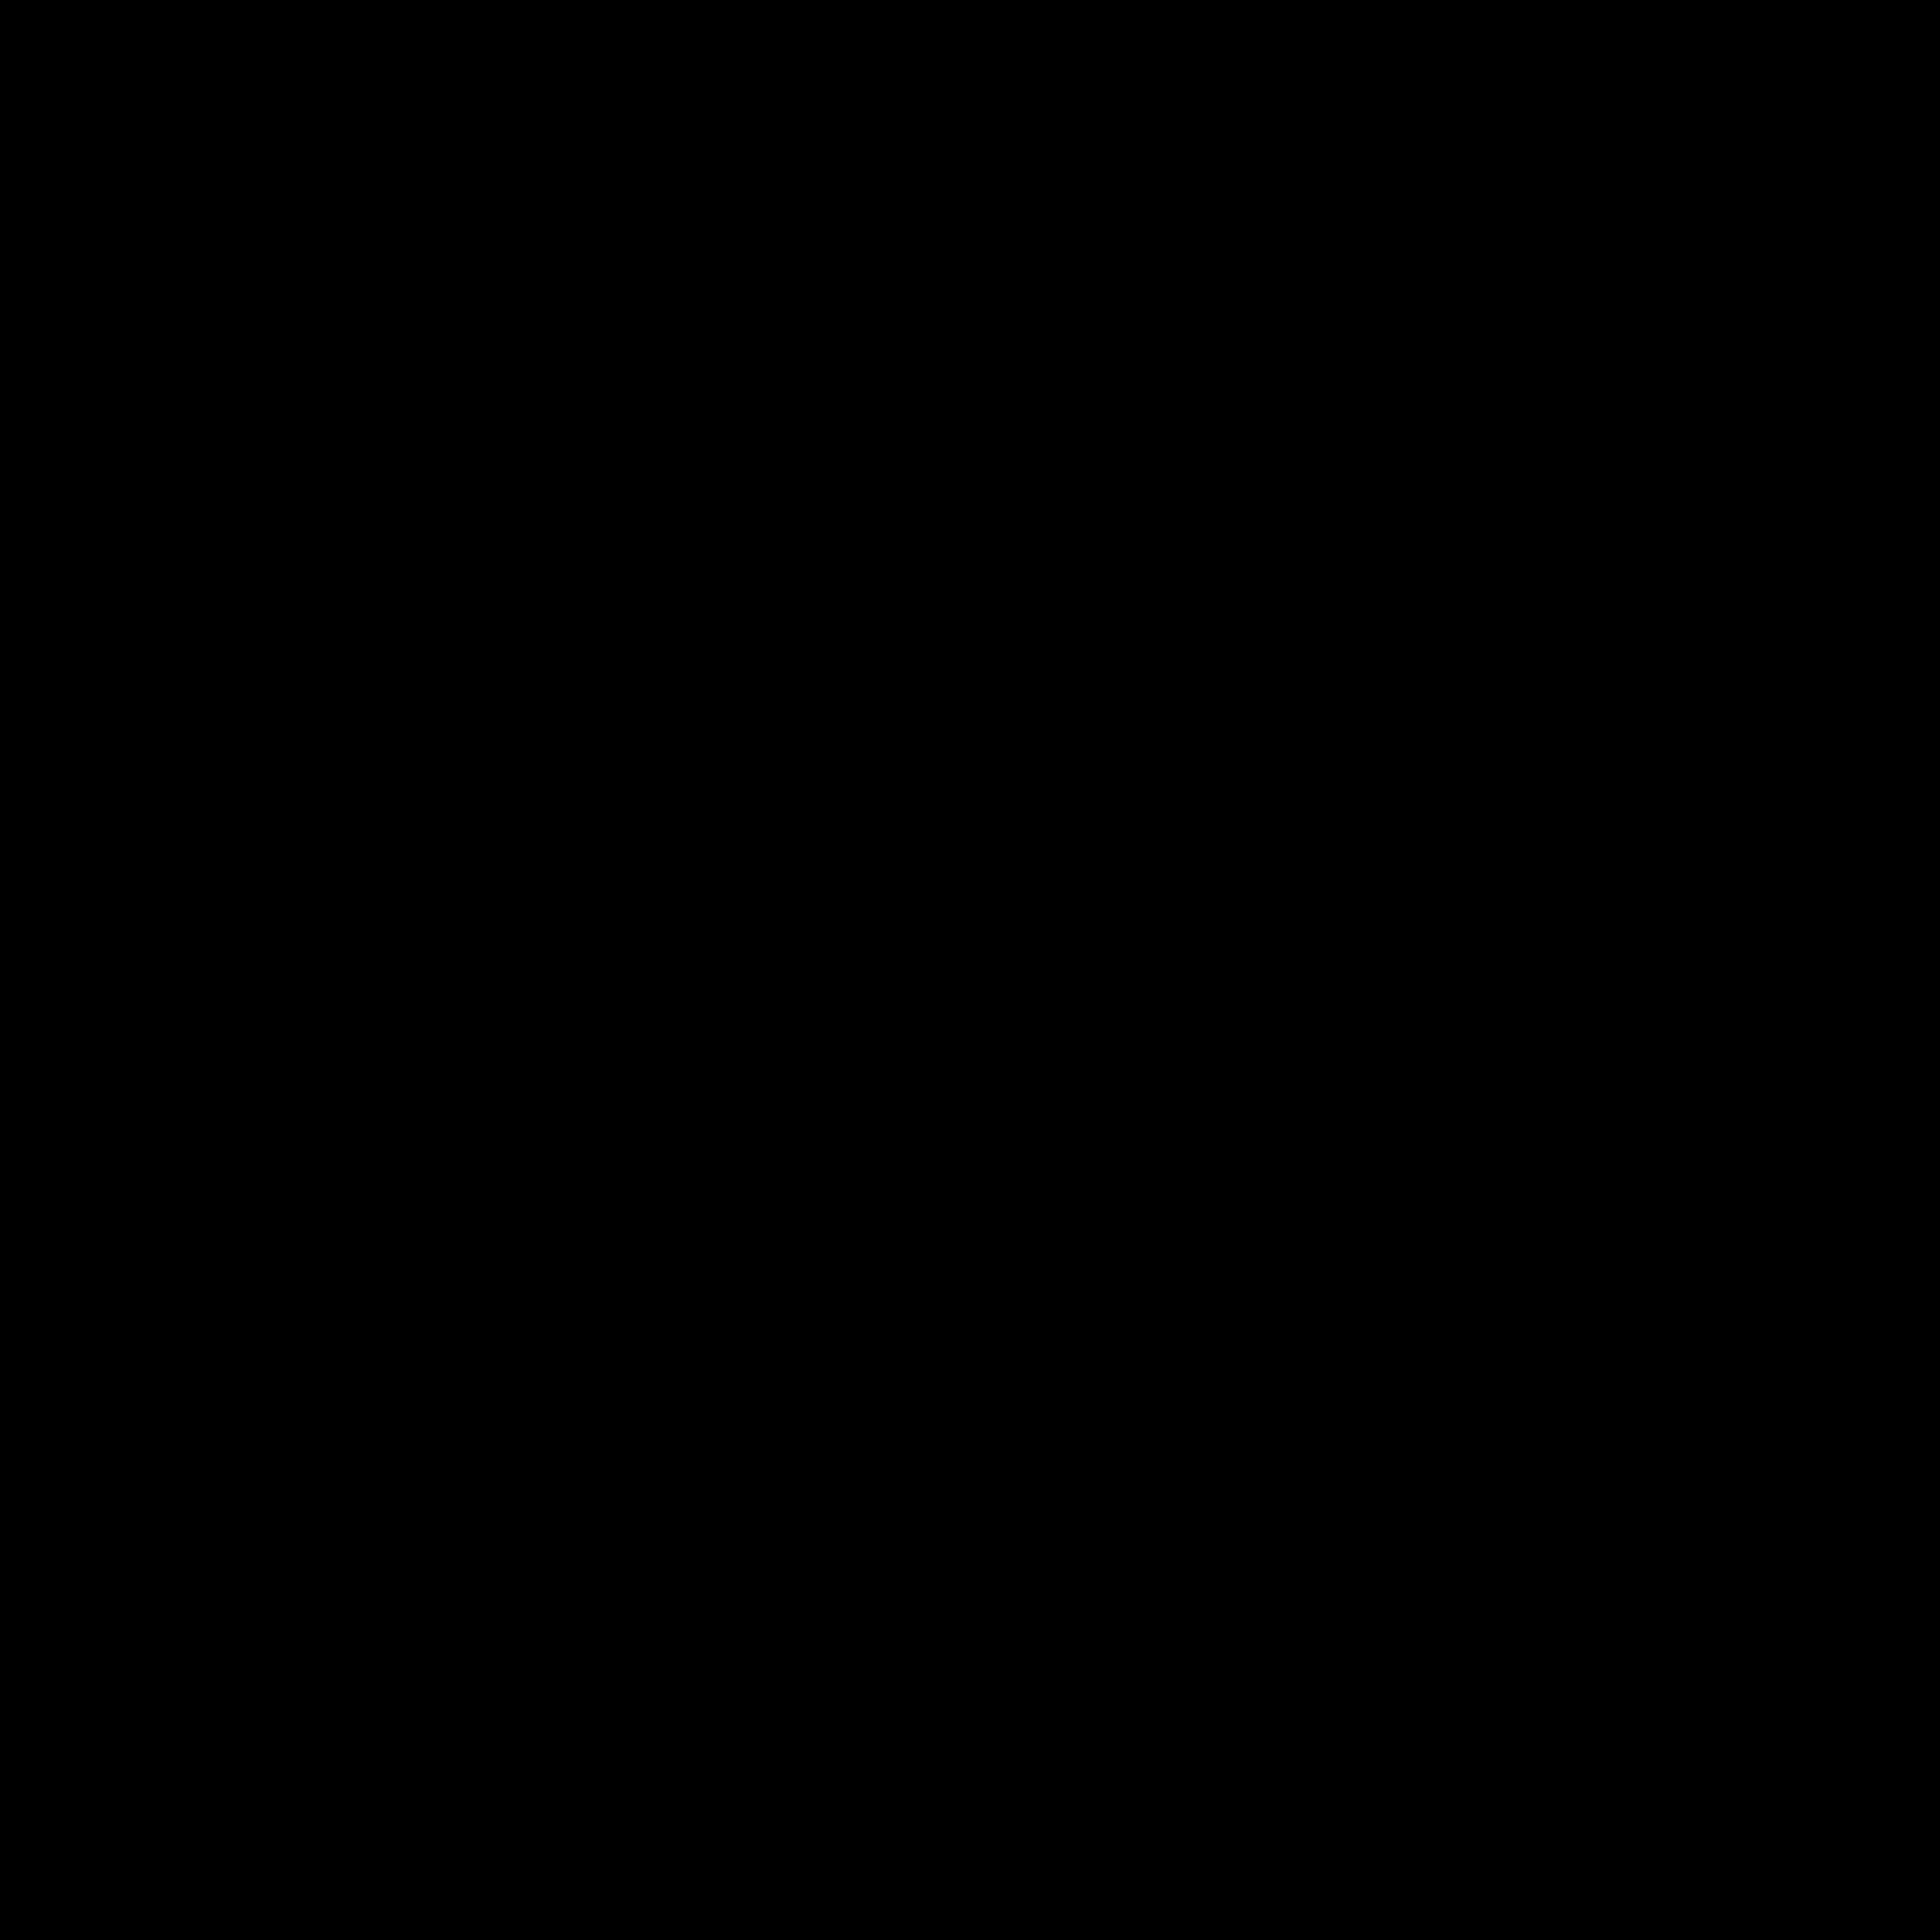 一般社団法人仏教カレー協会